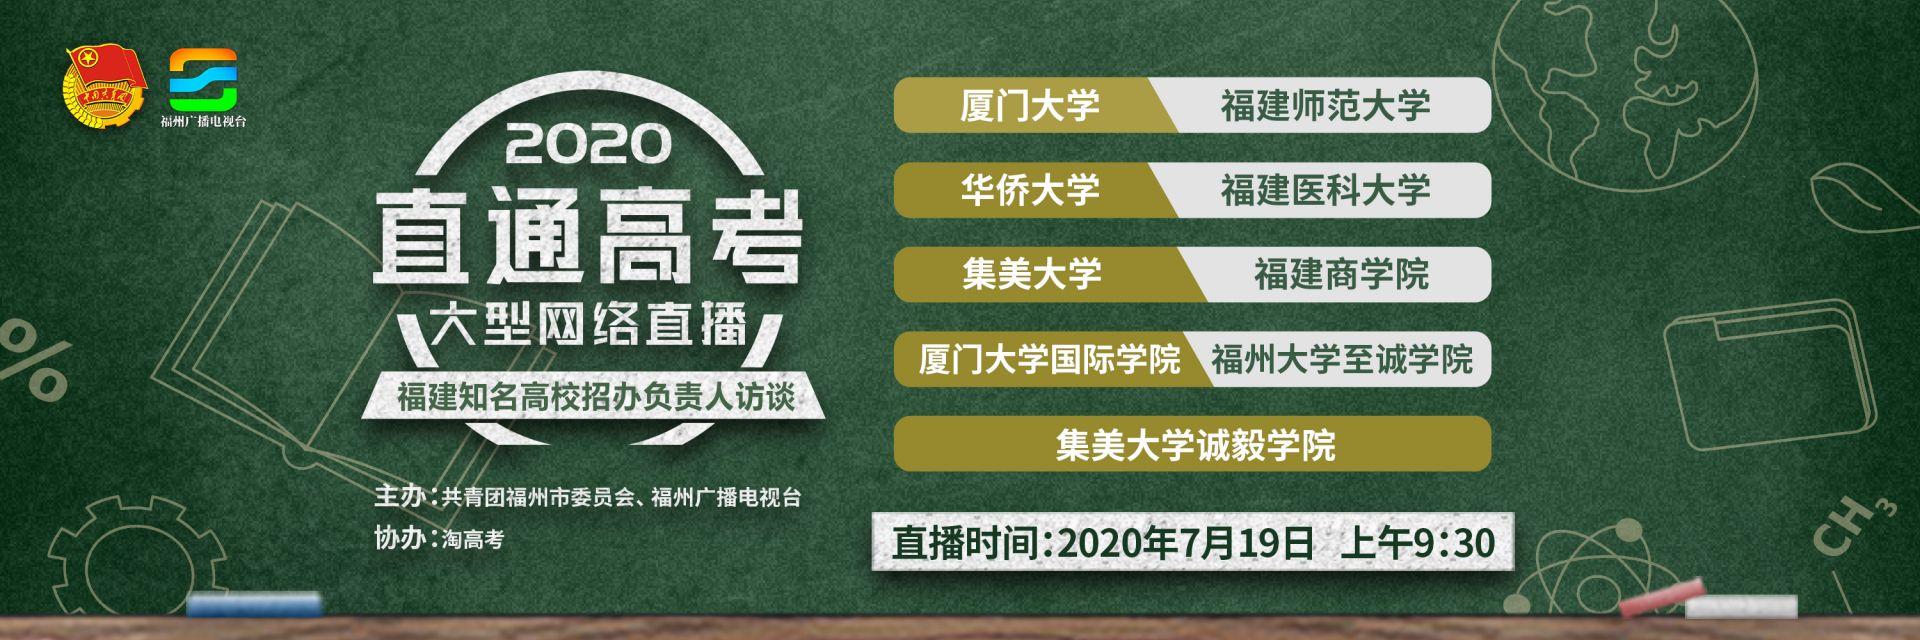 现场直播:知名高校招办负责人齐聚,独家解读2020年高校招生新模式!